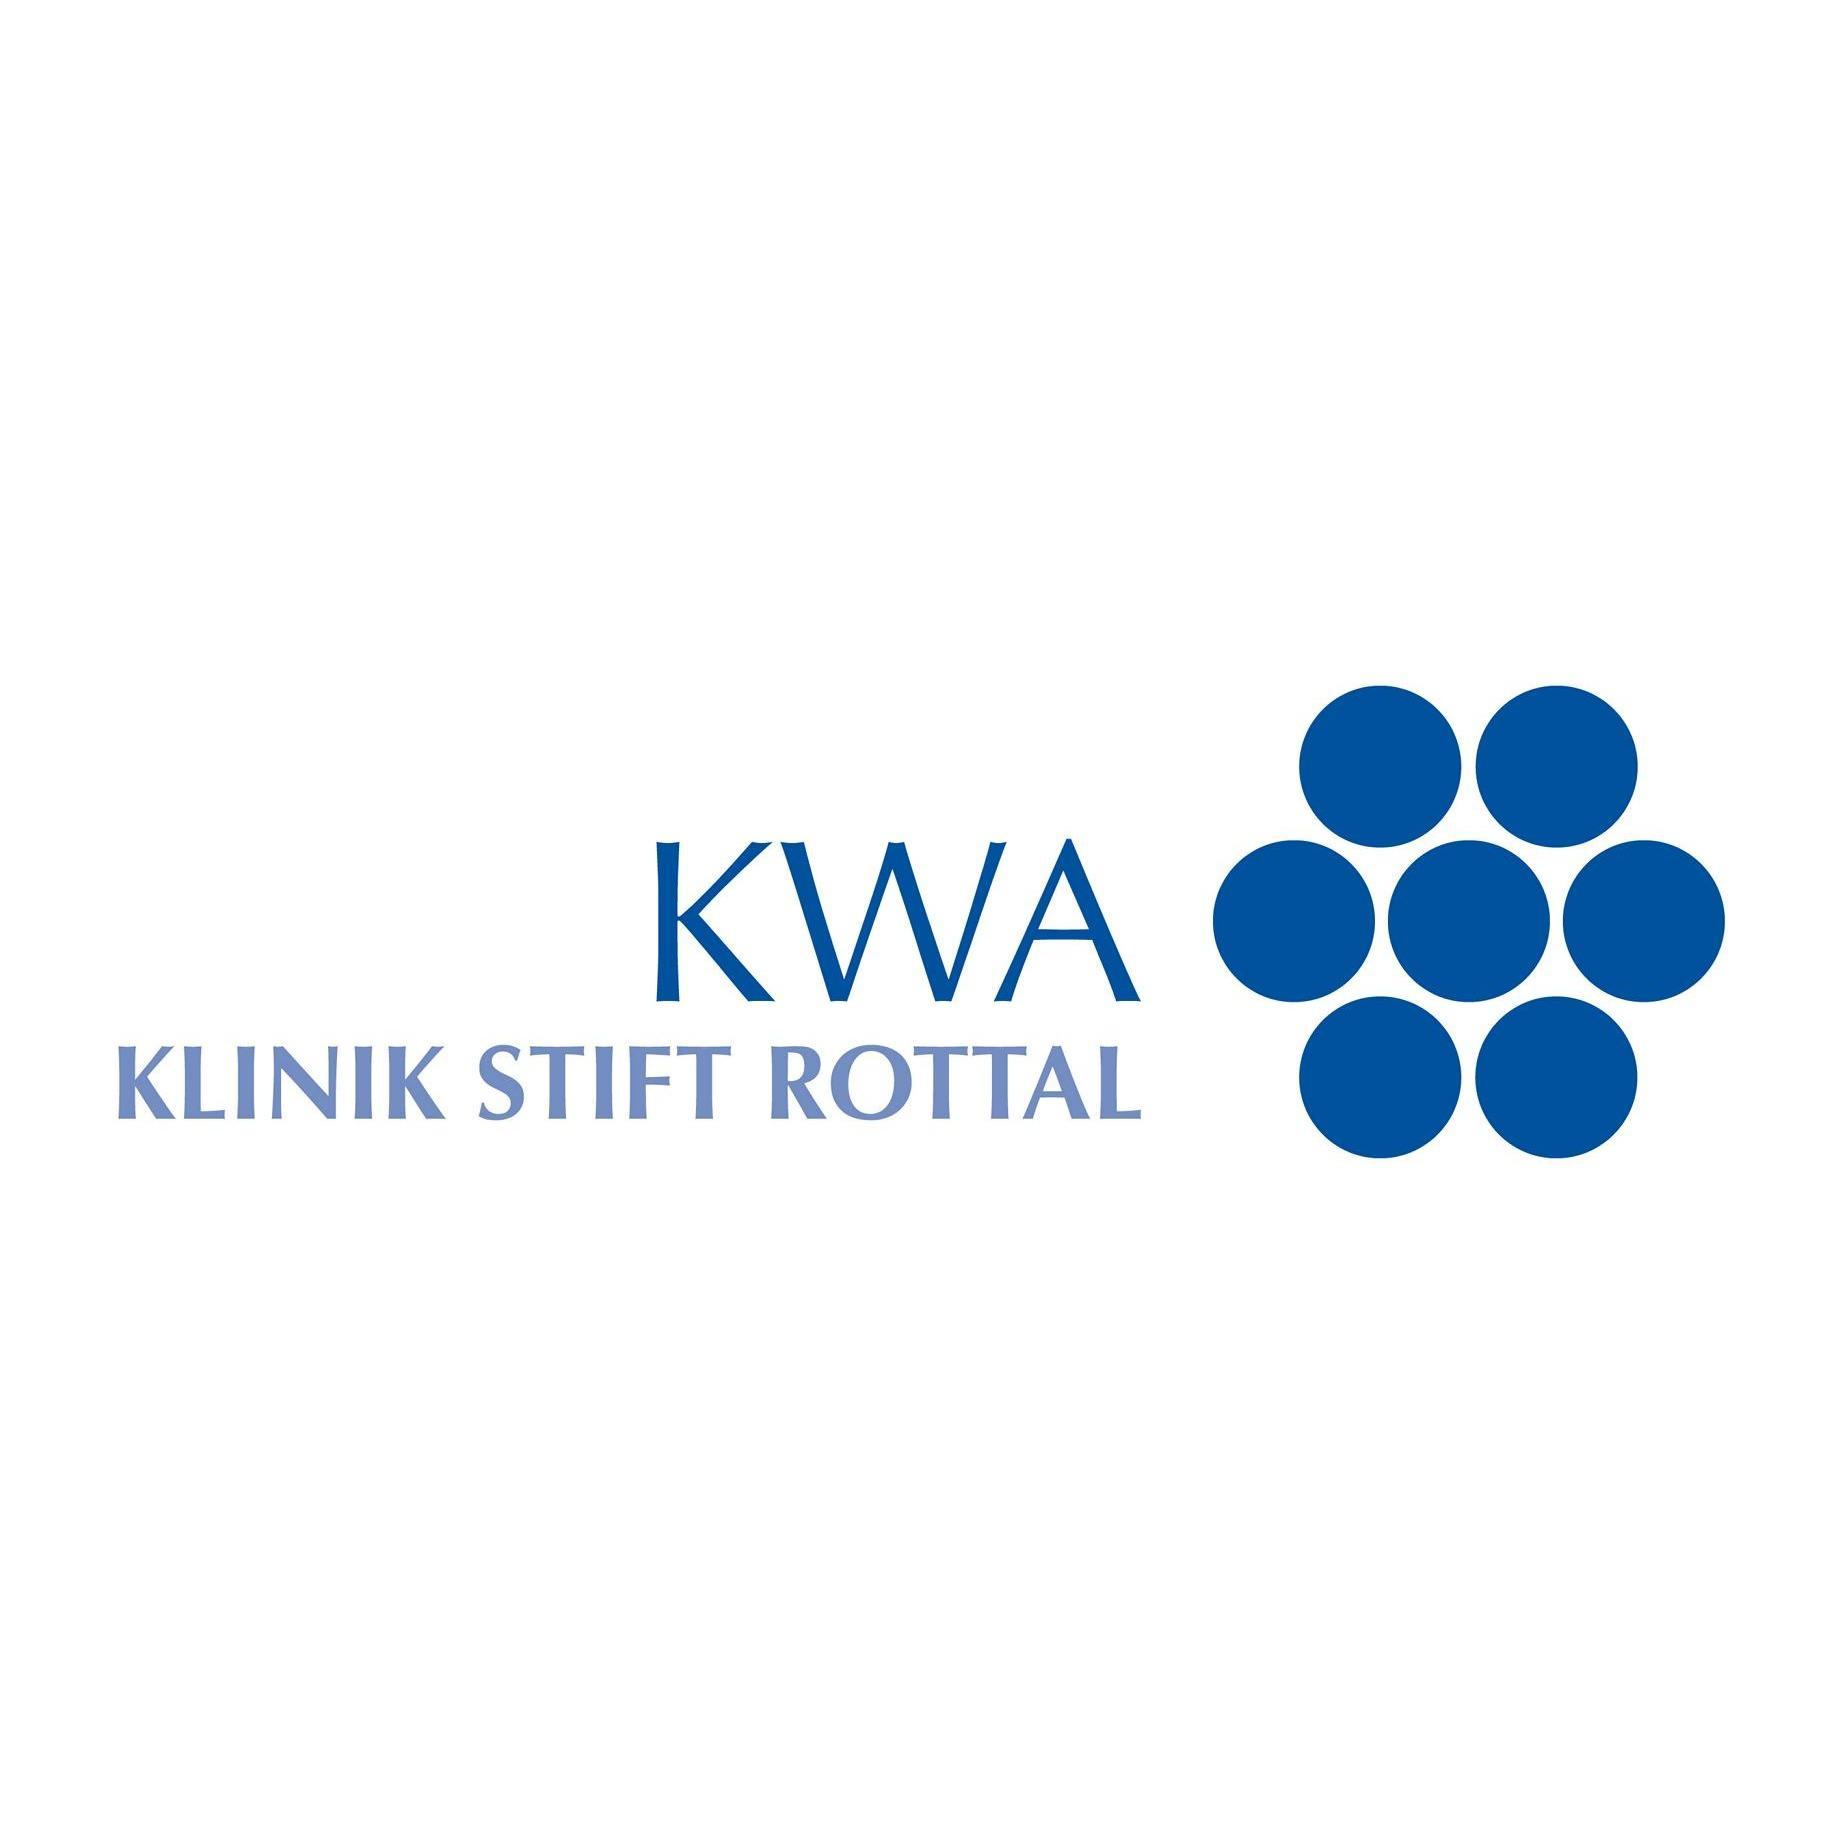 Bild zu KWA Klinik Stift Rottal in Bad Griesbach im Rottal